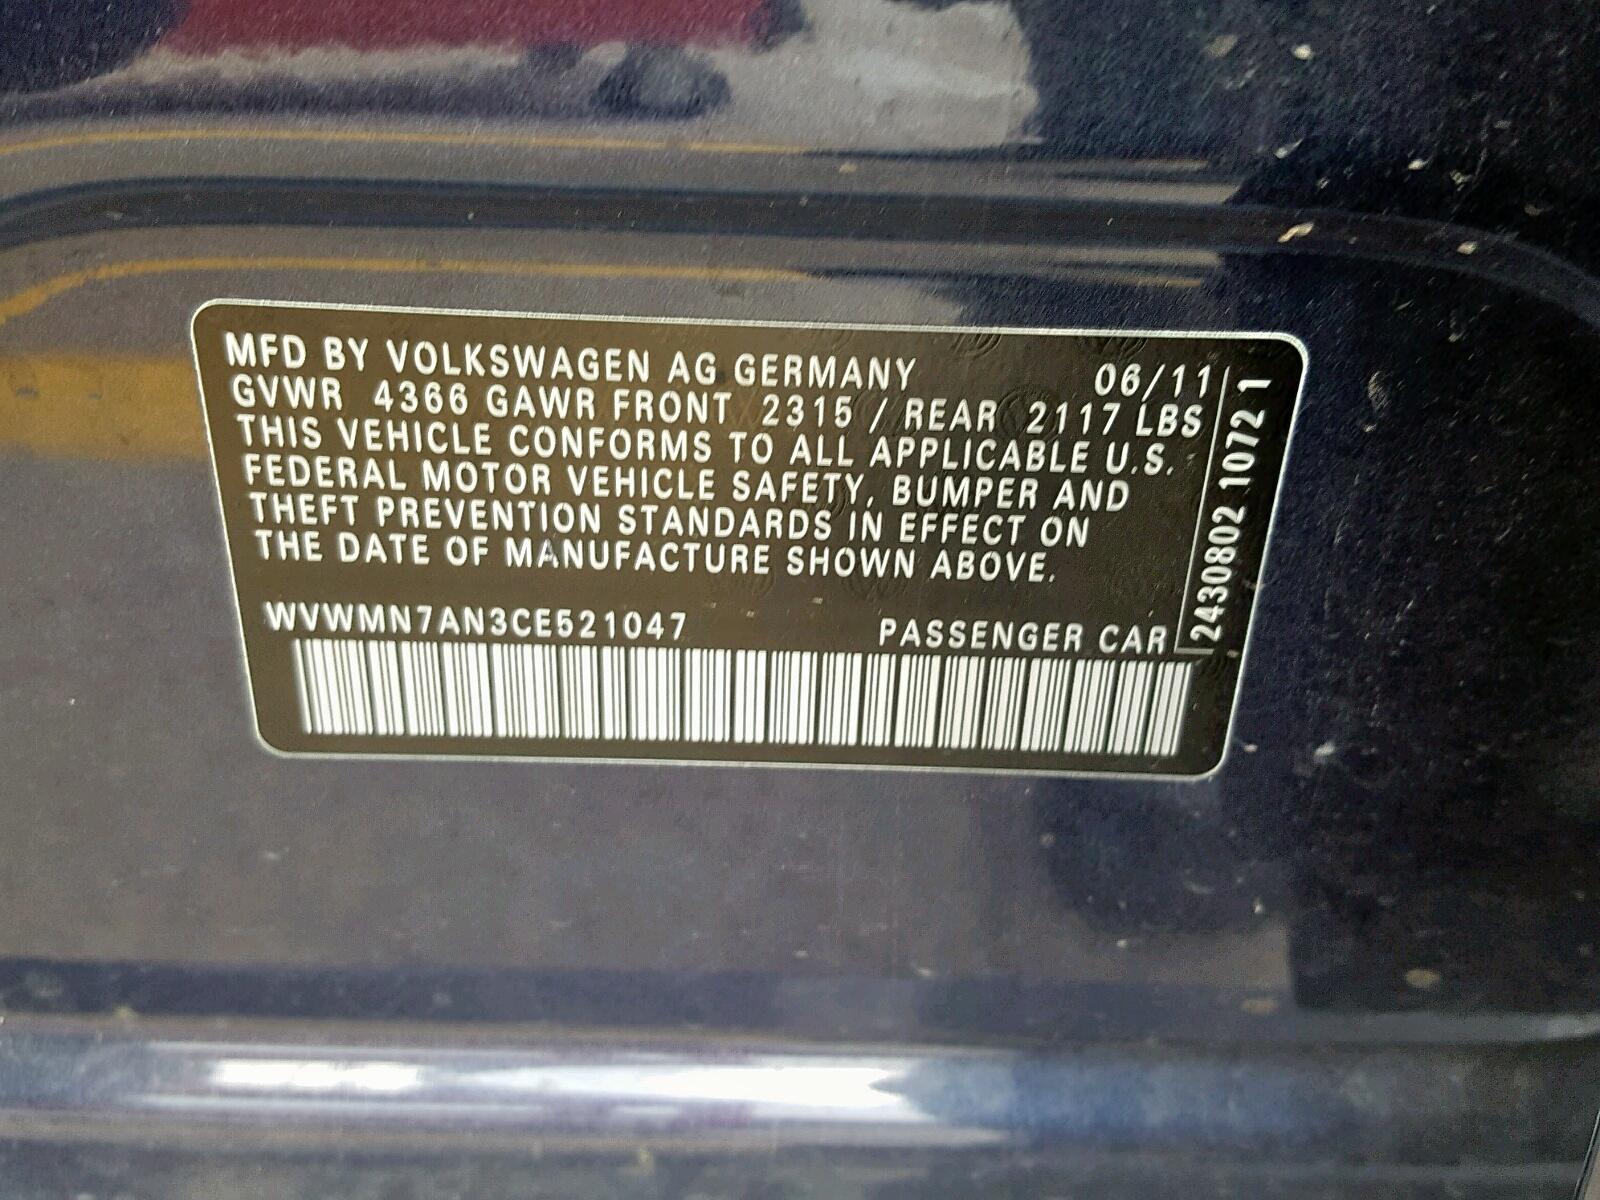 WVWMN7AN3CE521047 - 2012 Volkswagen Cc Sport 2.0L